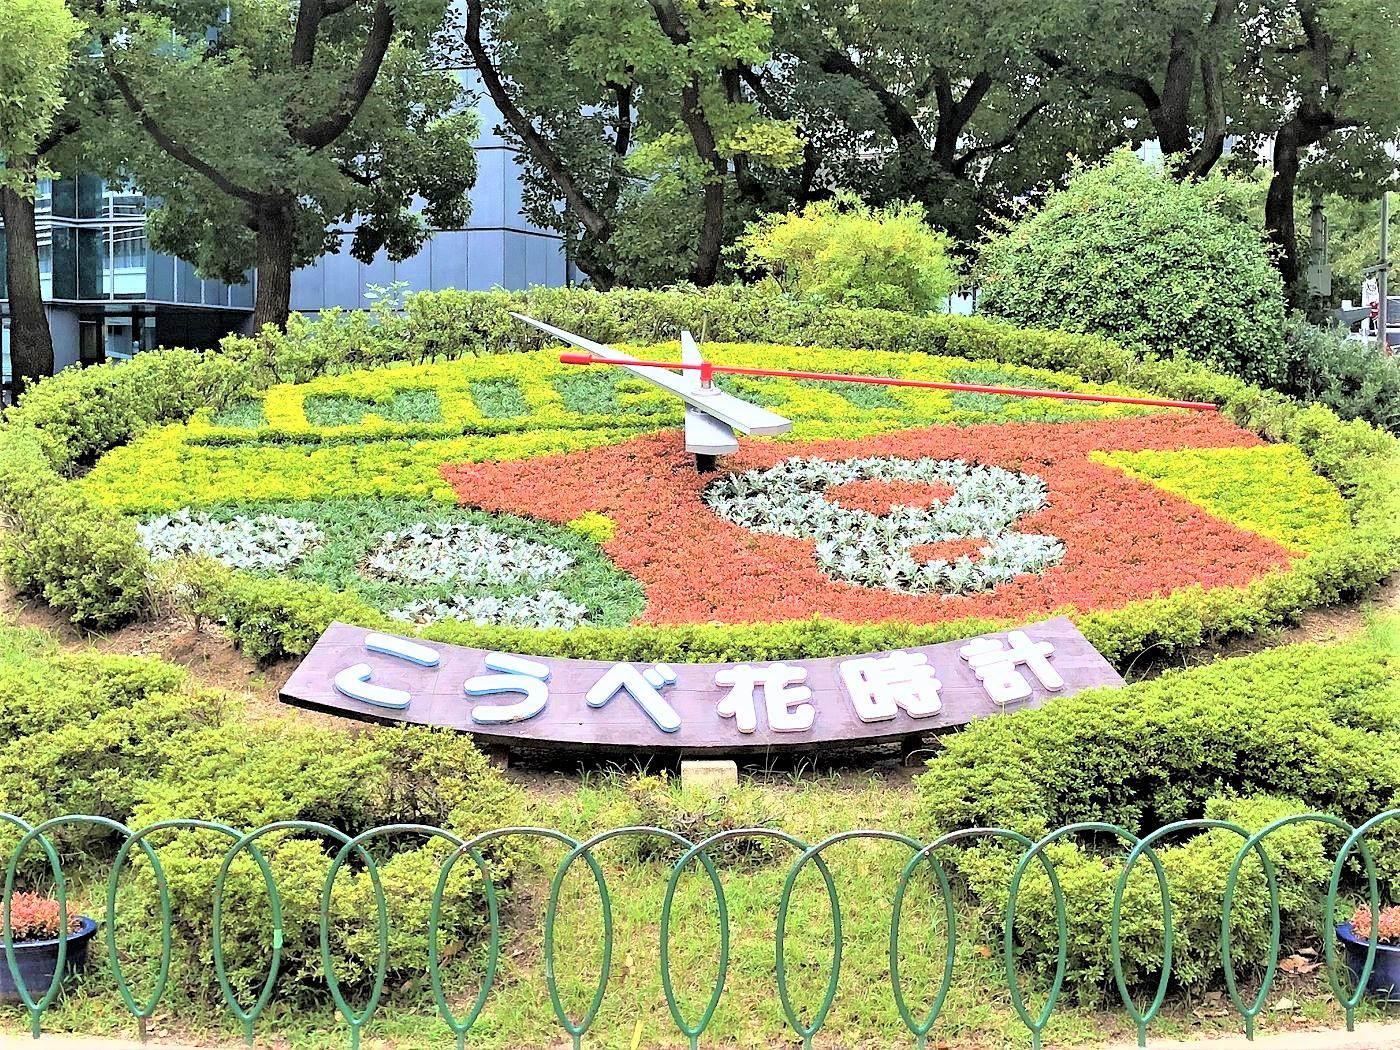 「こうべ花時計」が神戸マラソン後に解体、東遊園地南側の噴水場所に移設予定だよ! #こうべ花時計 #神戸市 #神戸観光 #東遊園地 #ランドマーク